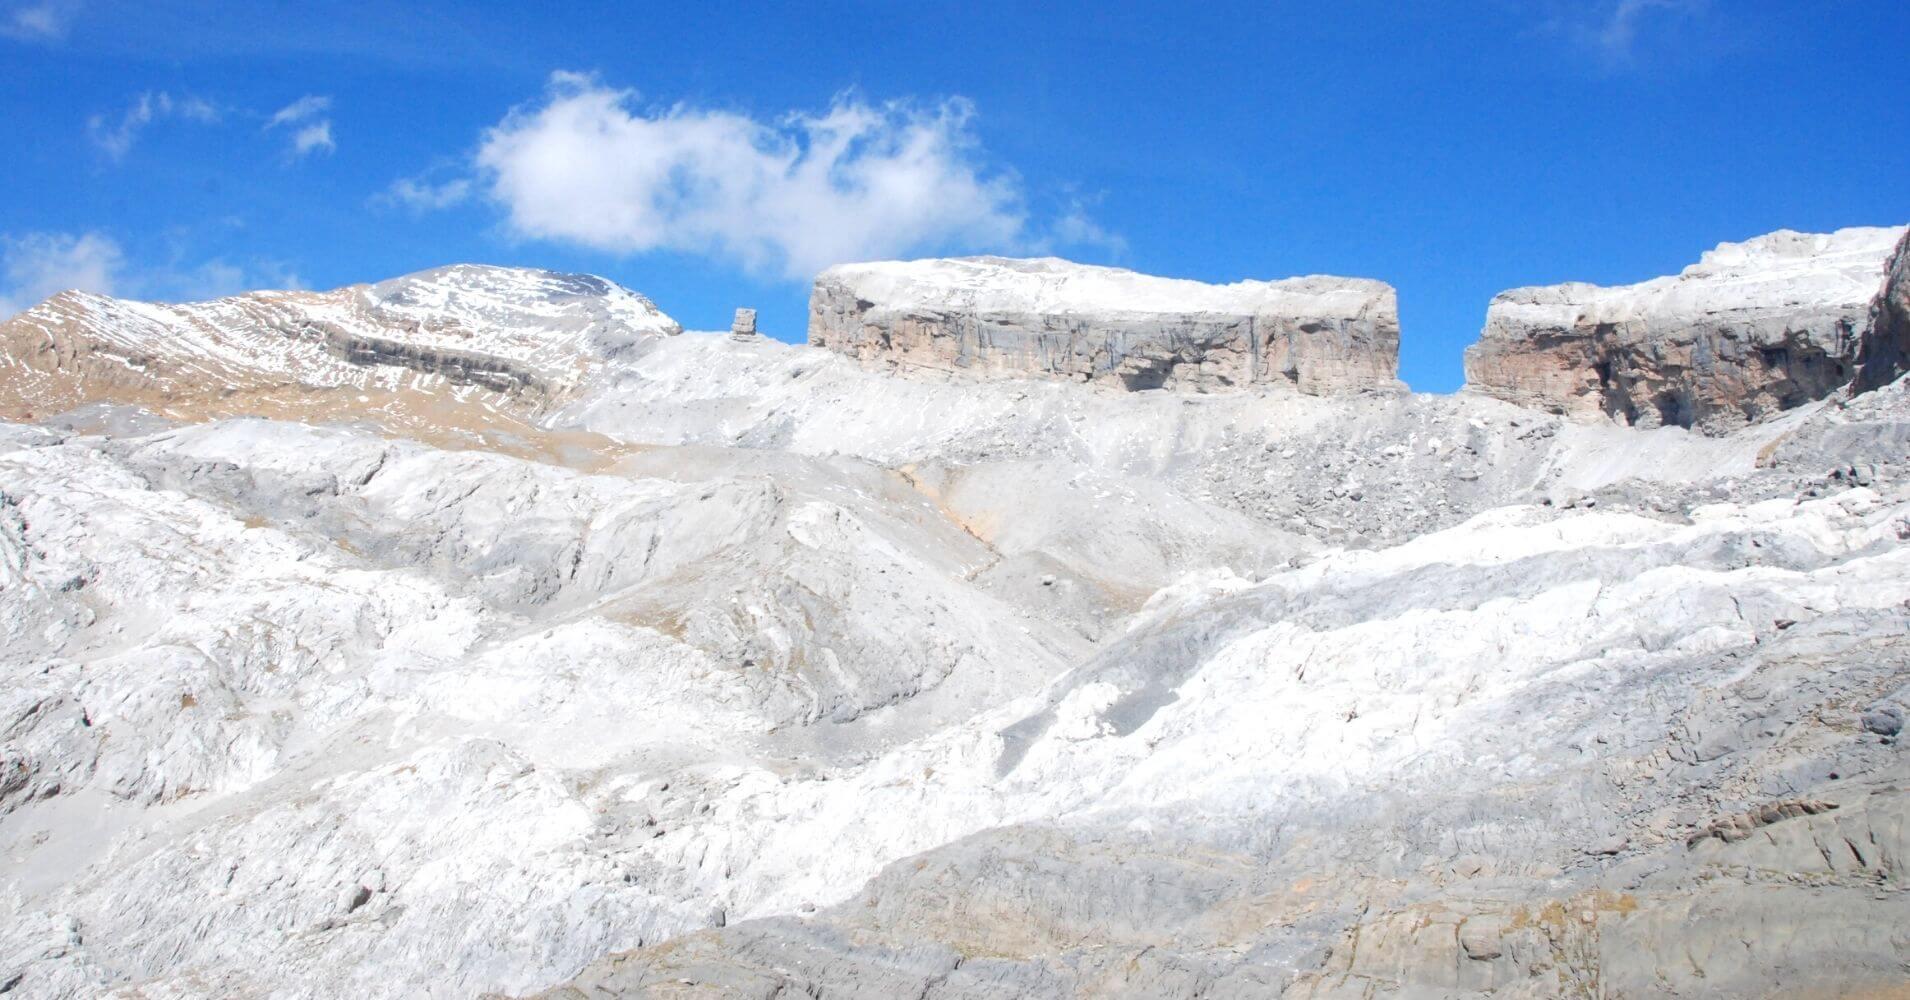 Brecha de Rolando. Parque Nacional de Ordesa y Monte Perdido. Huesca.